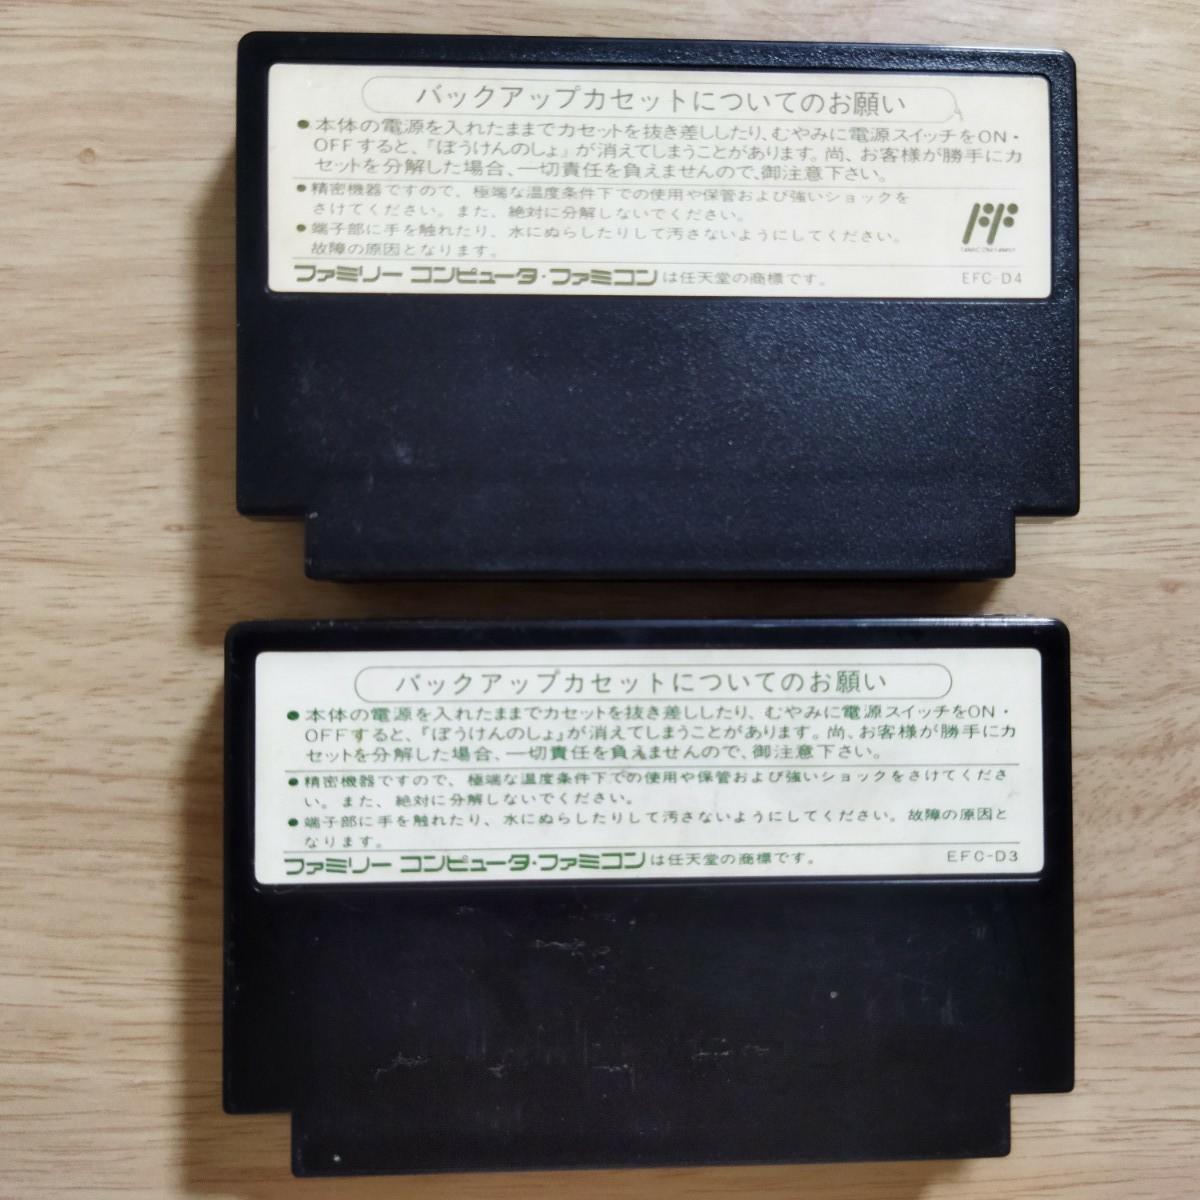 FC ドラゴンクエスト 3 4 ファミコンソフト 動作確認済 簡易清掃済 接点復活剤塗布済